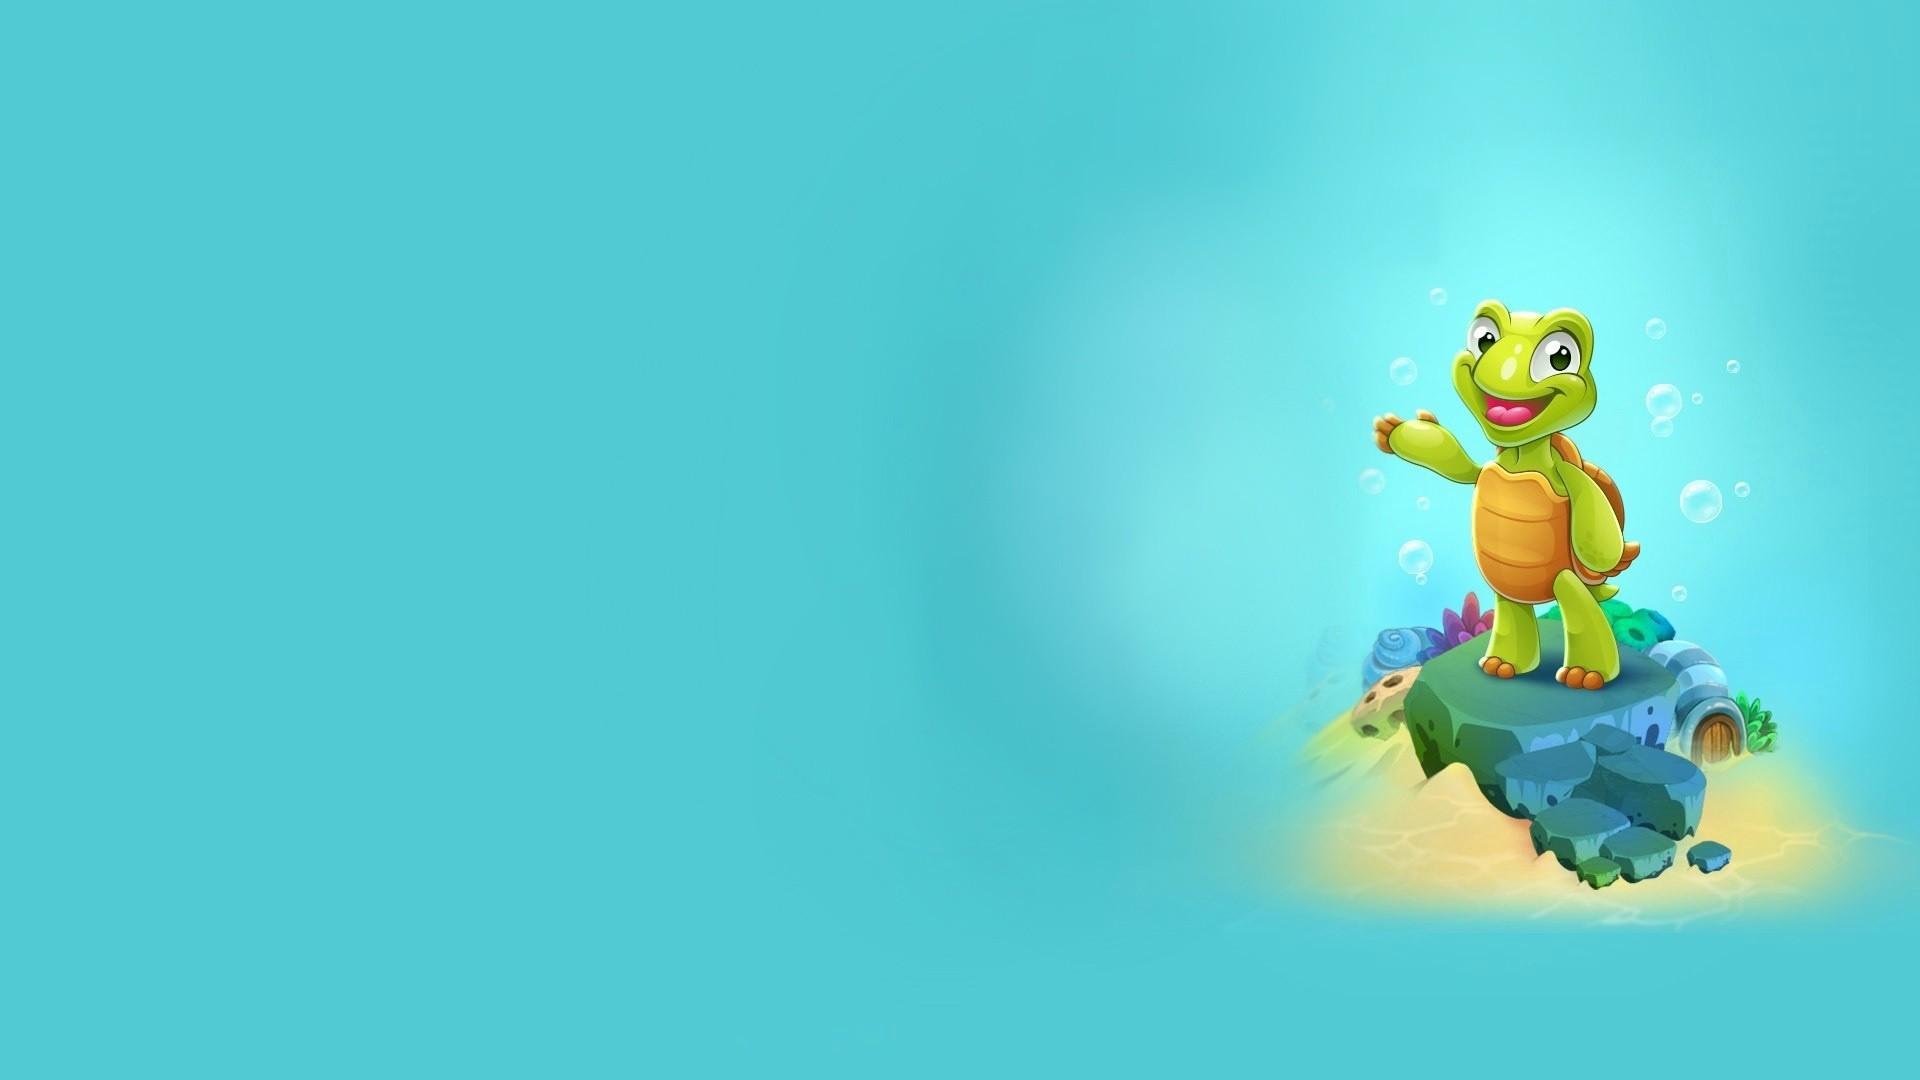 Turtle Minimalist desktop wallpaper hd